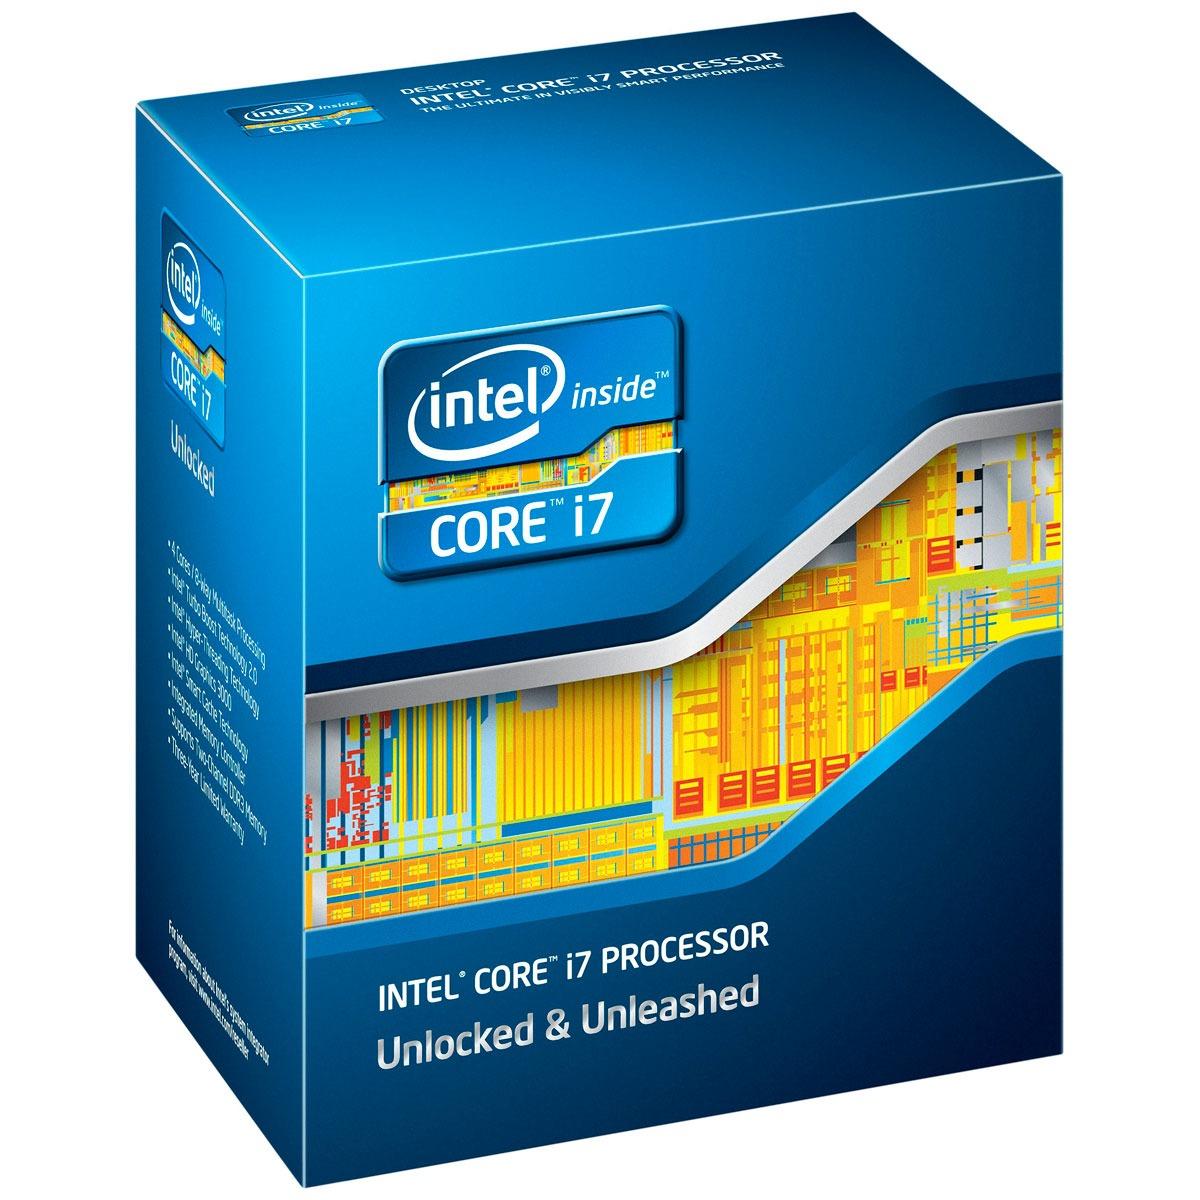 Processeur Intel Core i7-2600K (3.4 GHz) Processeur Quad Core Socket 1155 Cache L3 8 Mo Intel HD Graphics 3000 0.032 micron (version boîte - garantie Intel 3 ans)